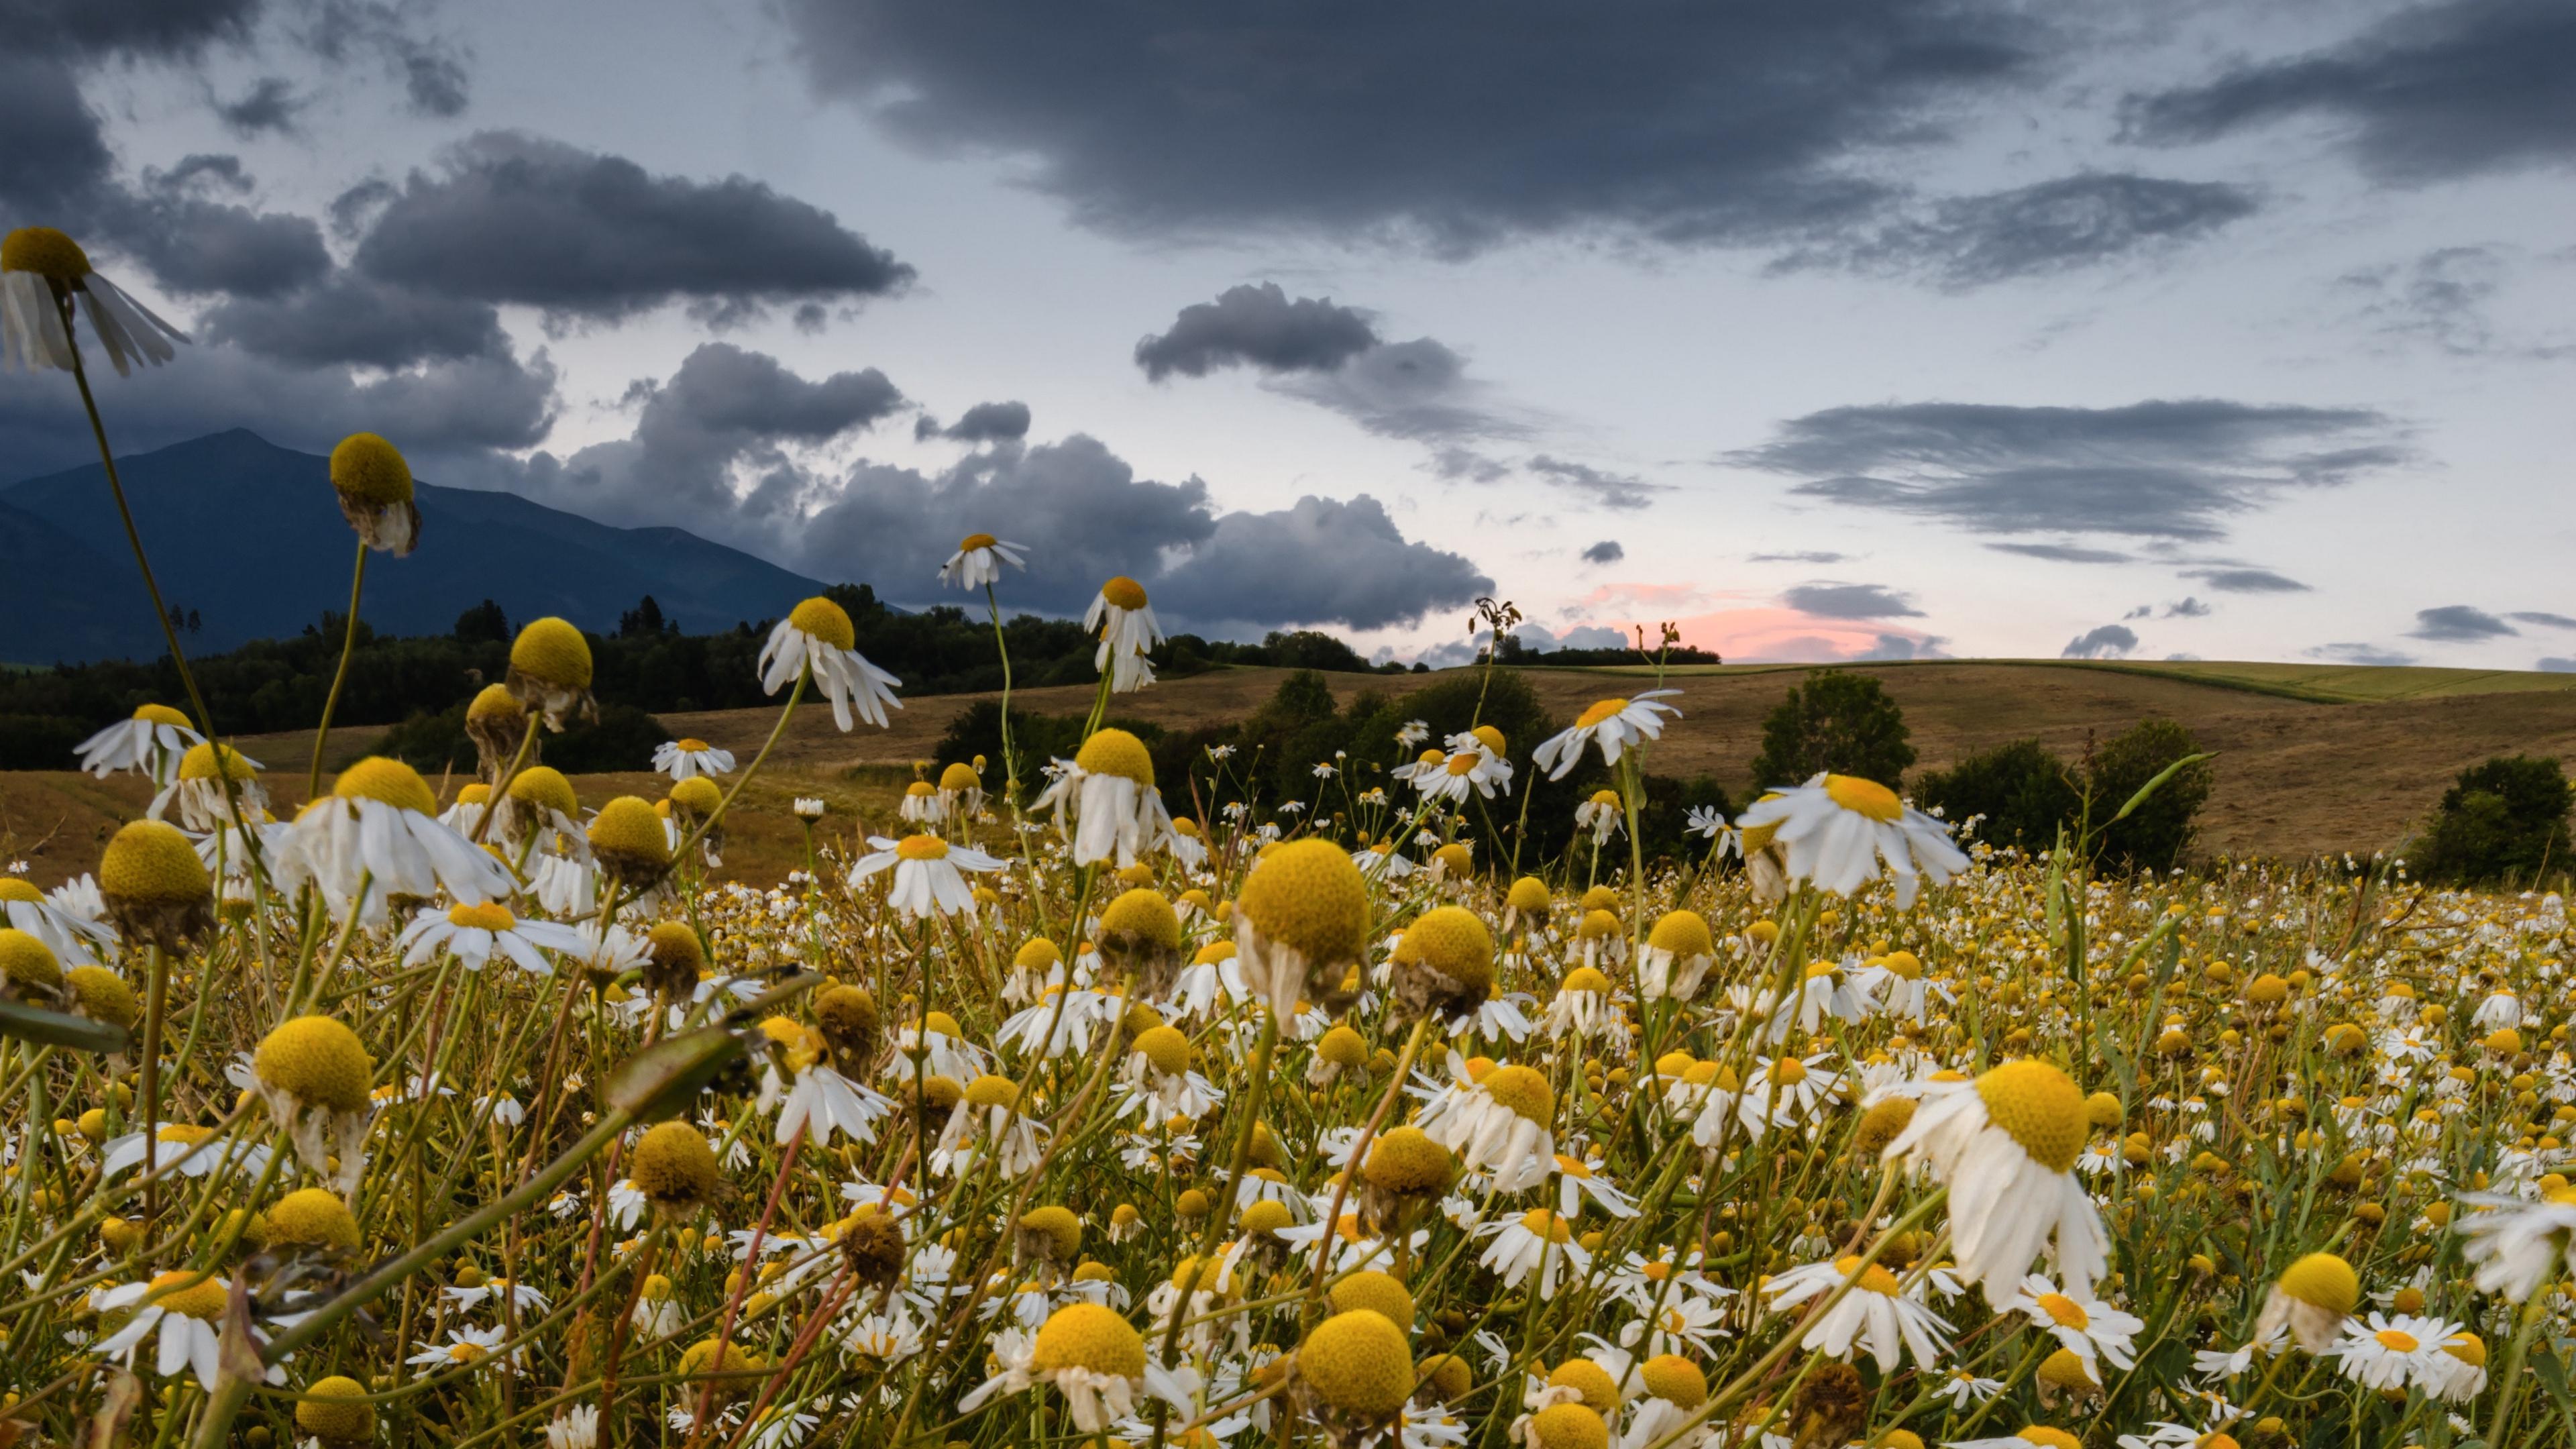 daisies field cloudy summer 4k 1540064942 - daisies, field, cloudy, summer 4k - Field, Daisies, Cloudy